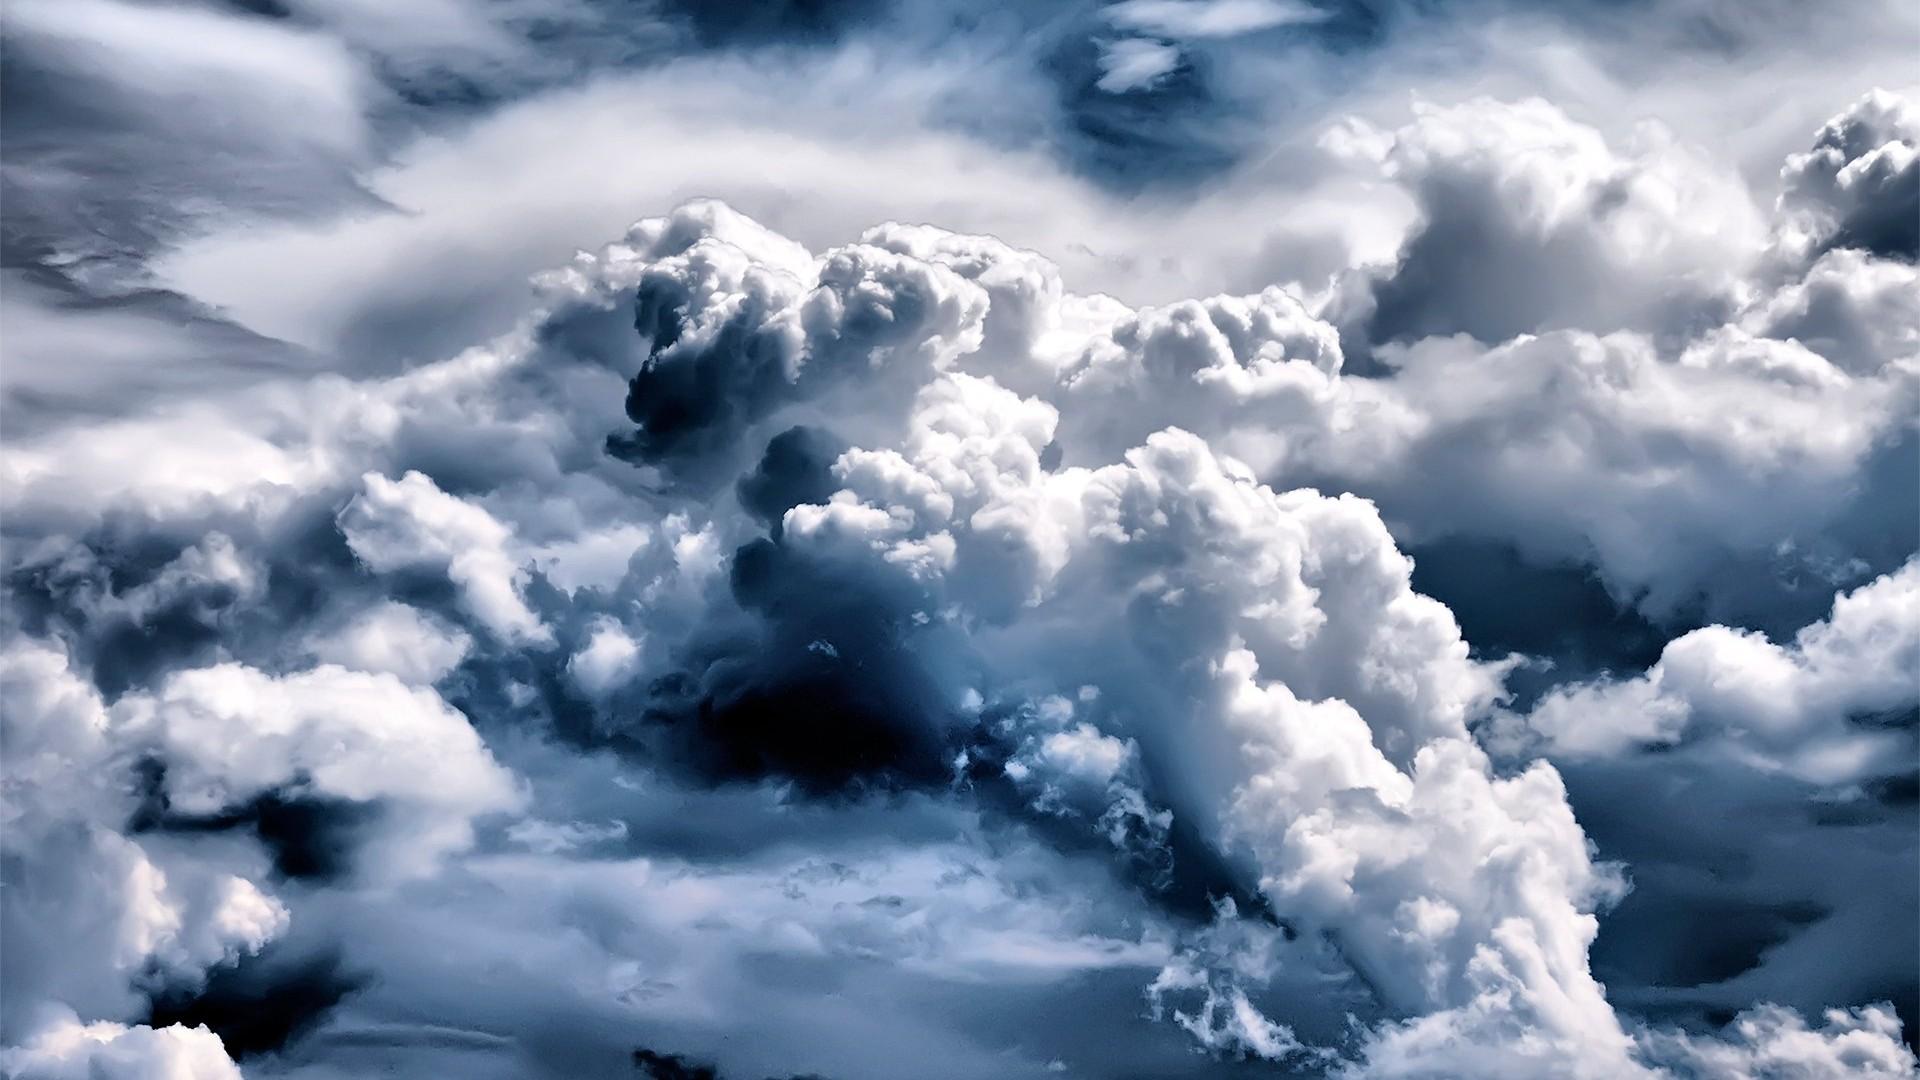 Cloud Wallpapers 21891